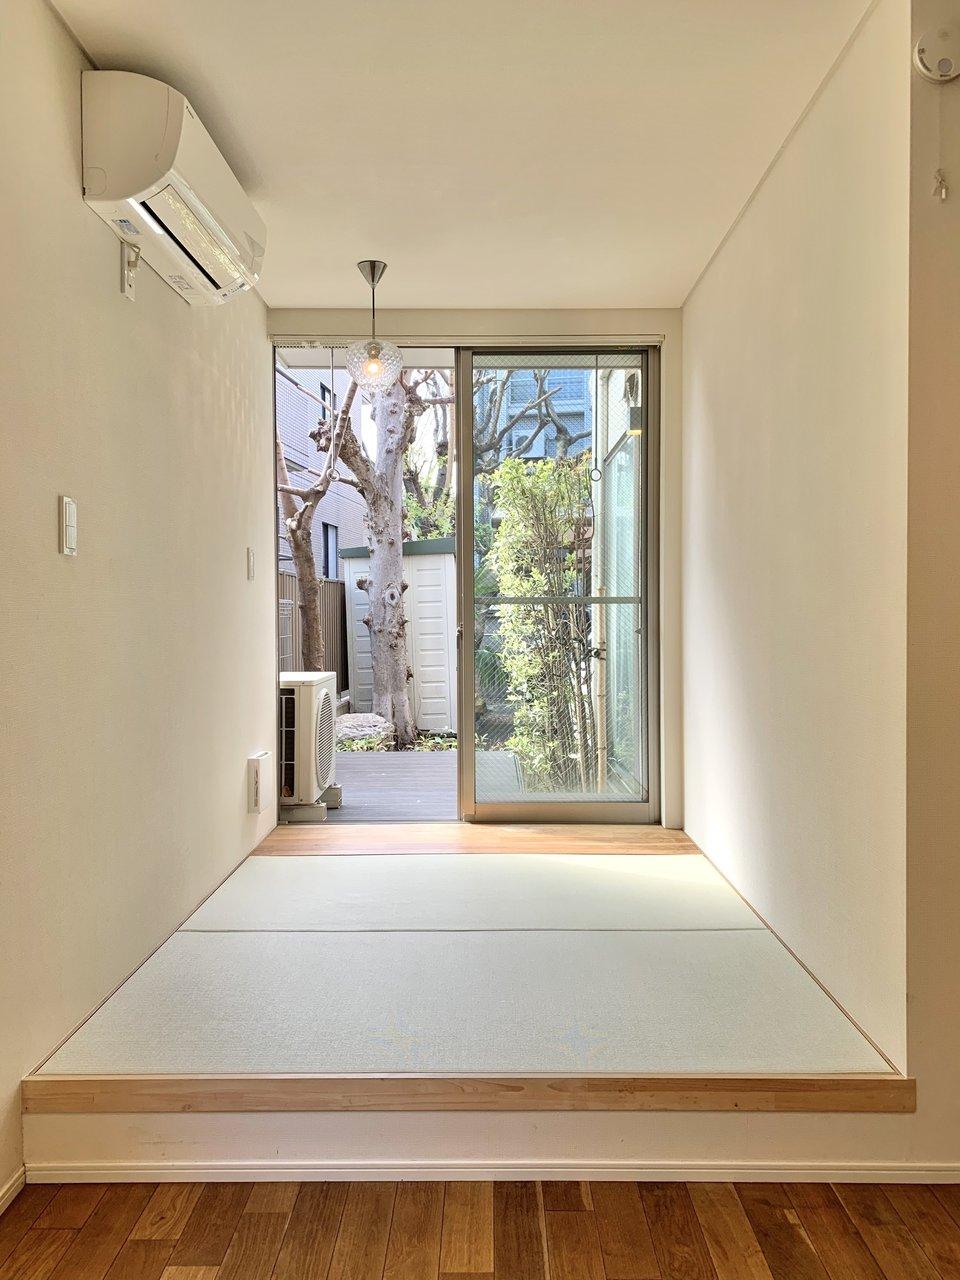 畳の方に日の当たる窓がありました。まるで縁側でゴロンと寝転ぶように、リラックスできるスペースにしたいですね。